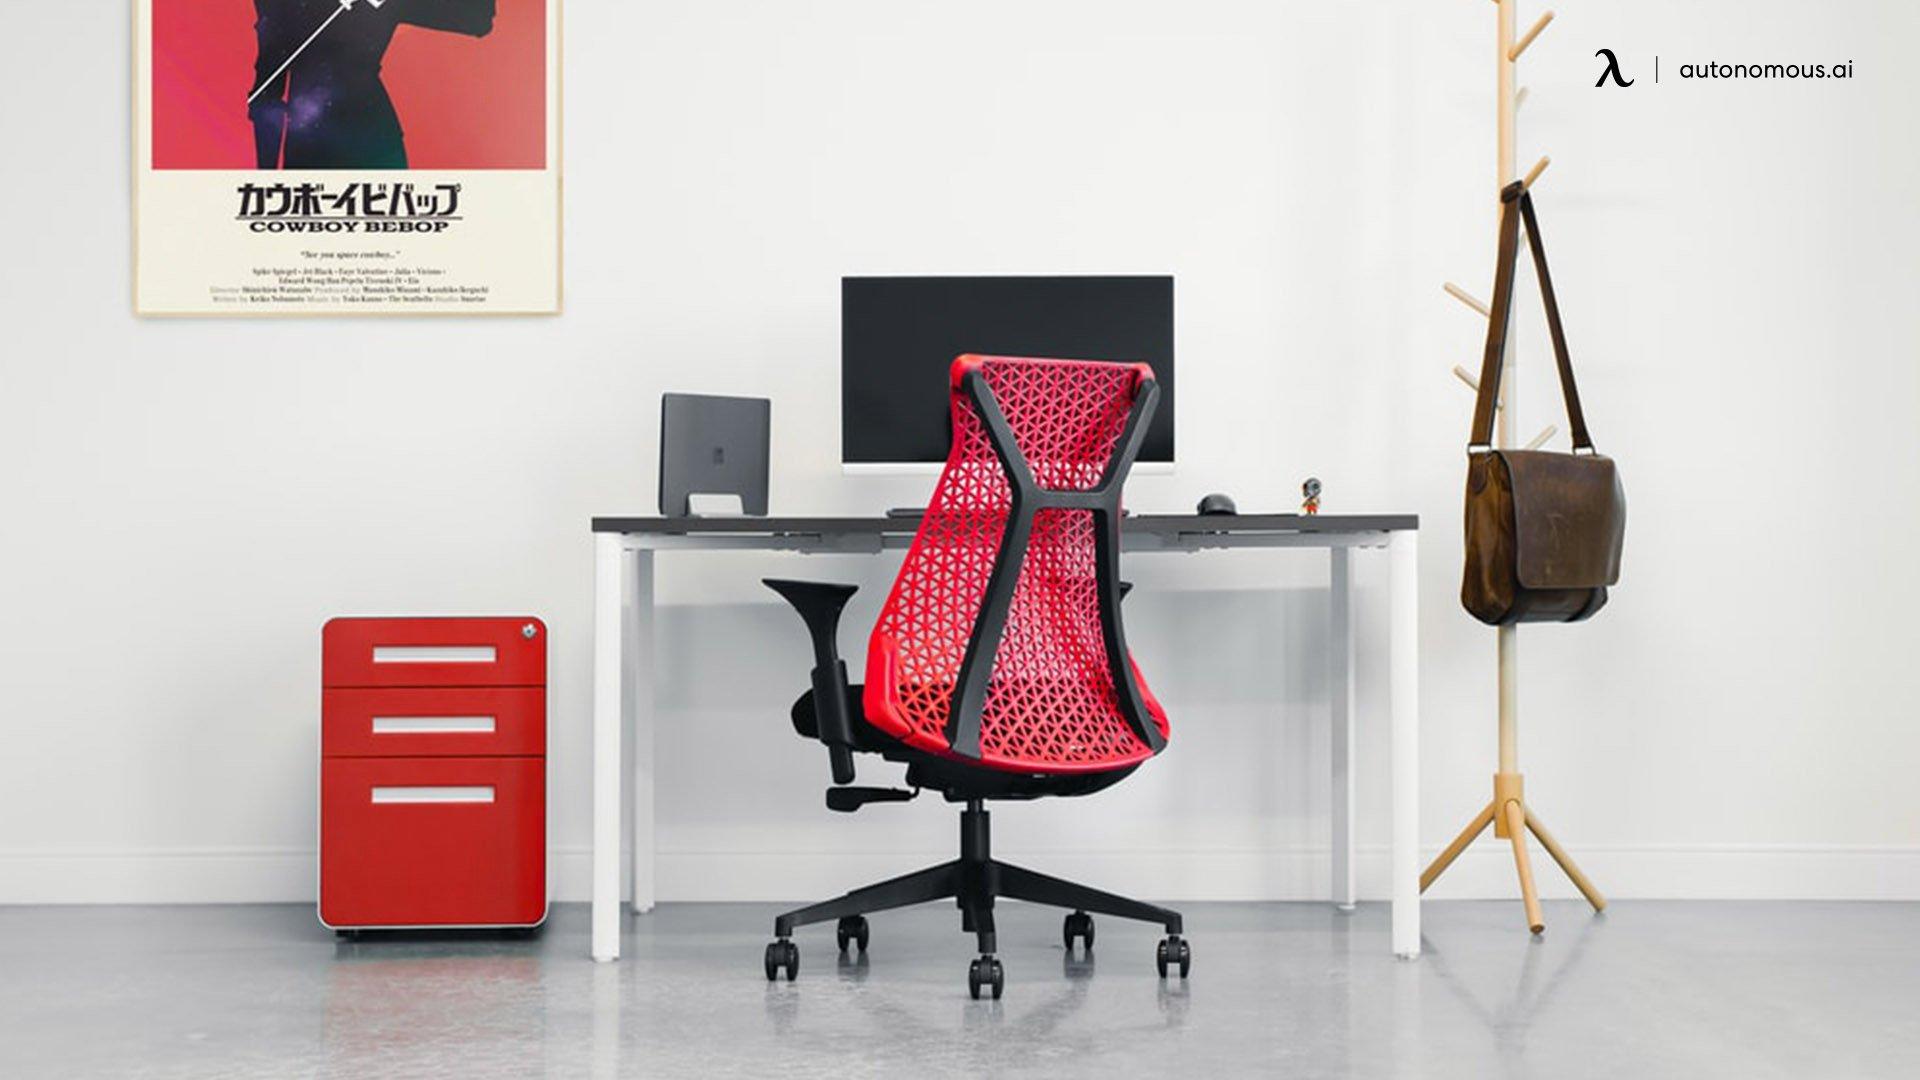 Keep up with the minimalist setup!